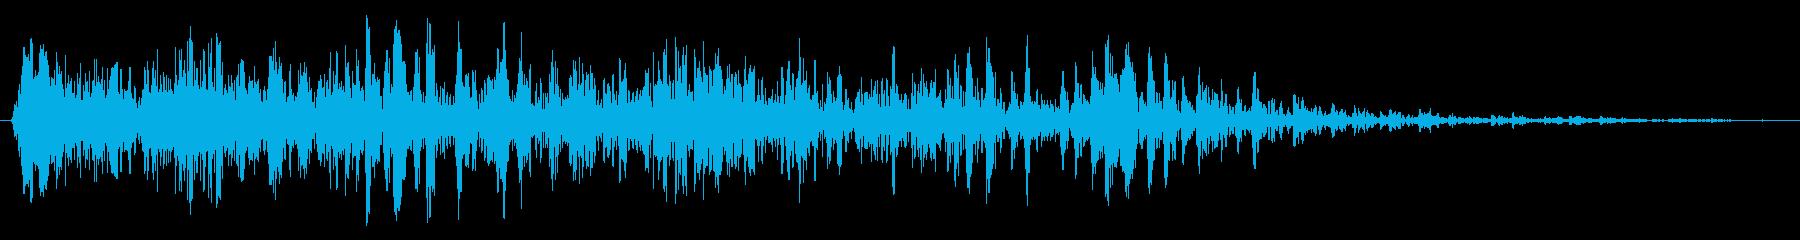 低いゴロゴロの鳴き声クリーチャーの...の再生済みの波形